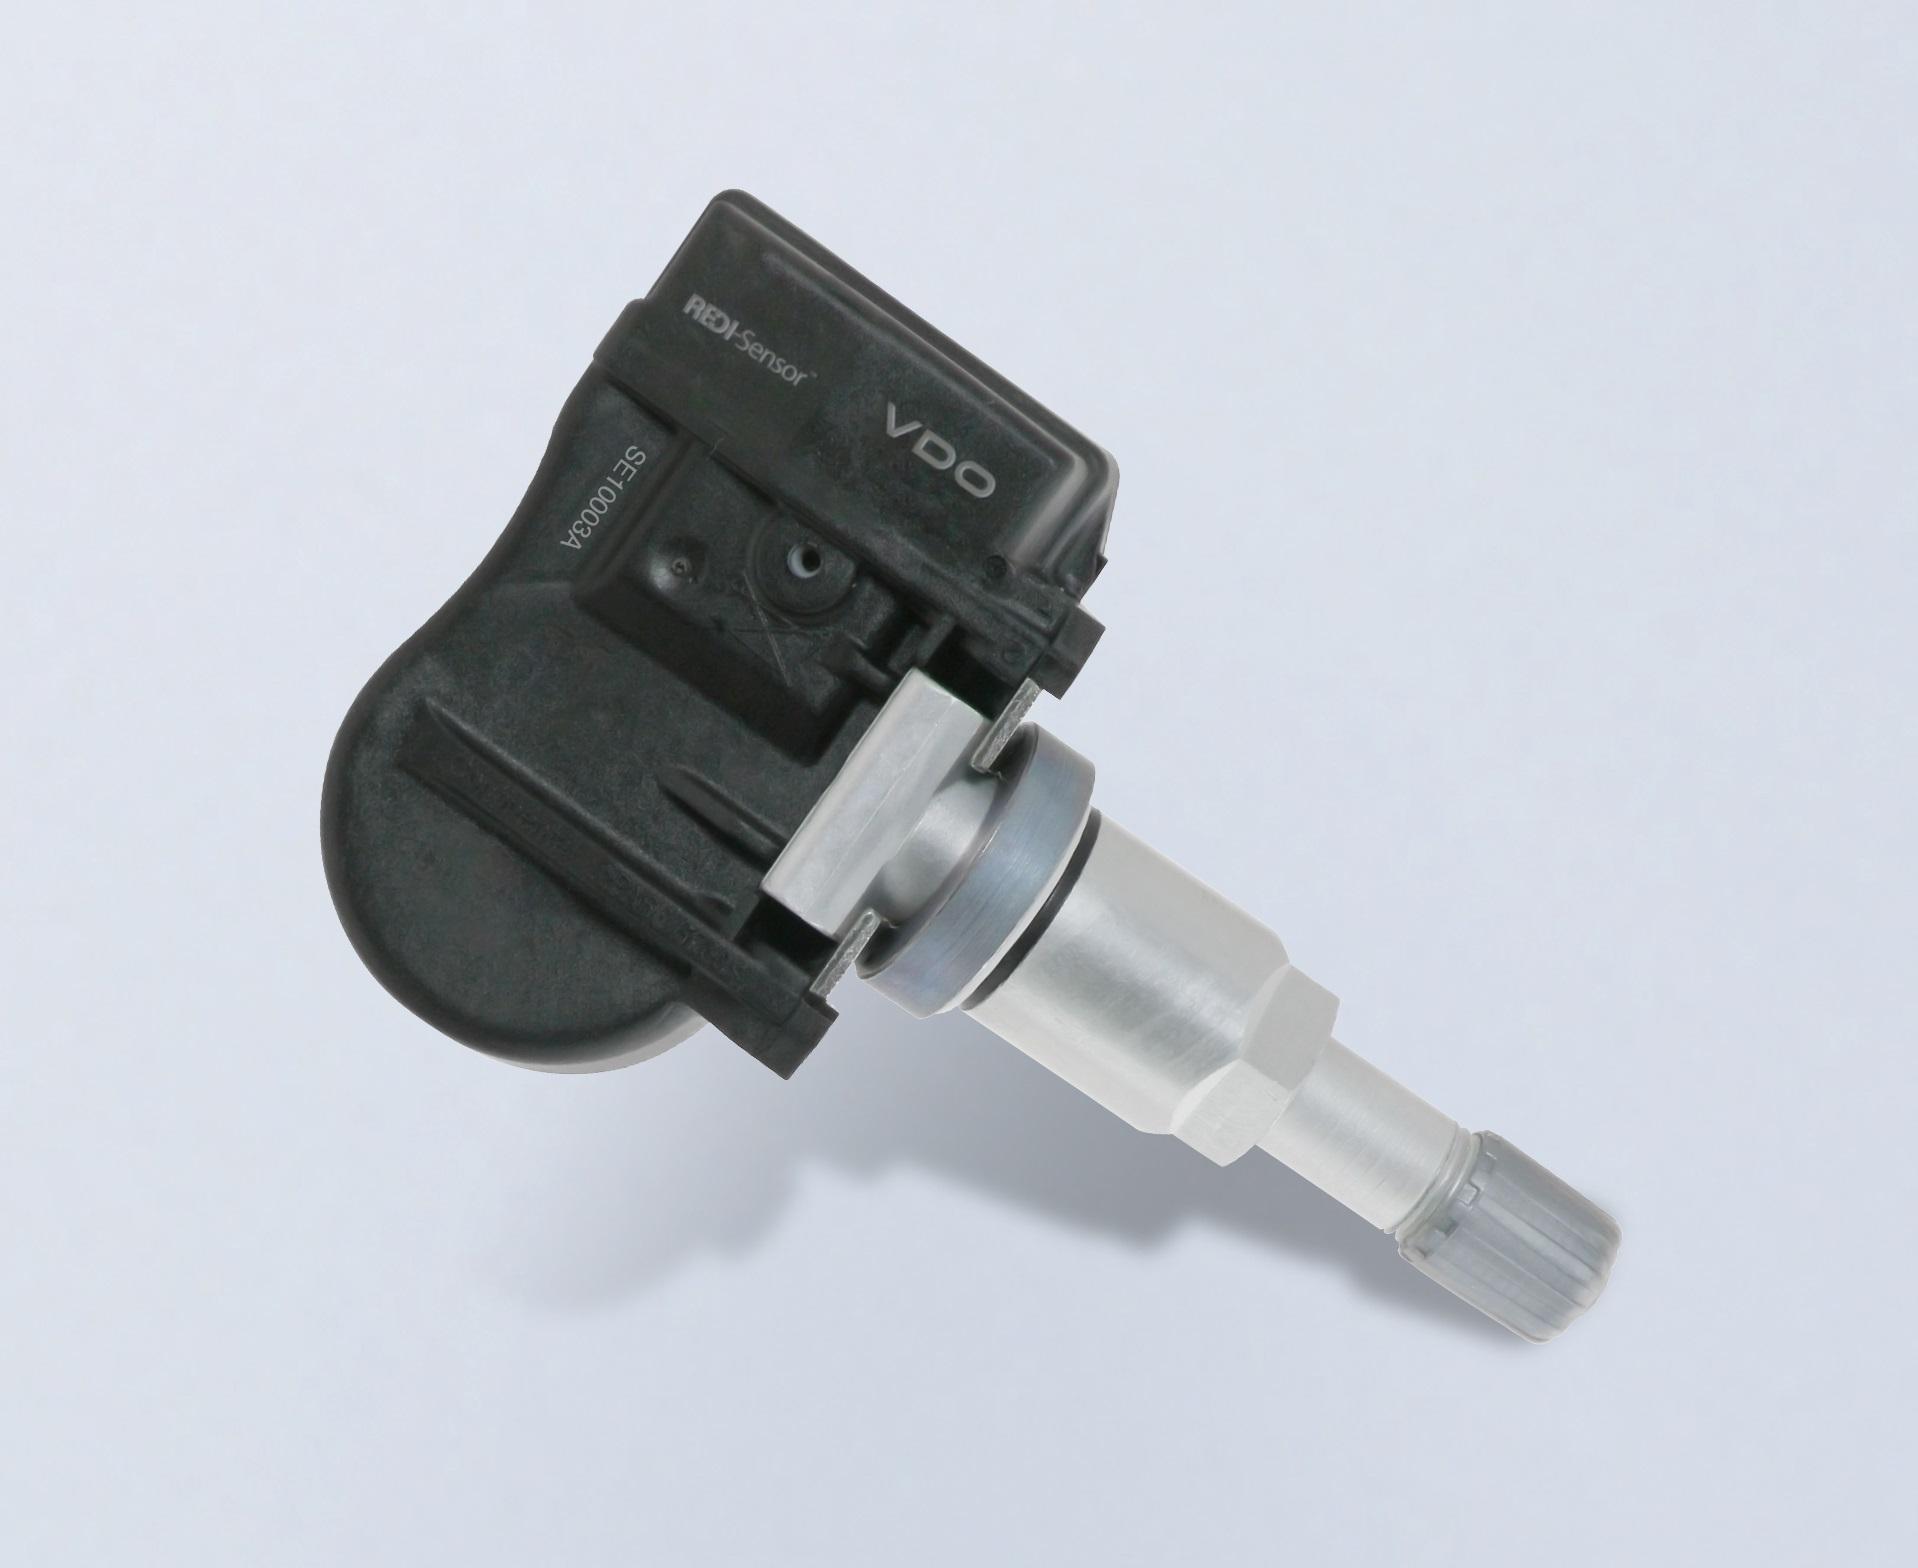 VDO TPMS Sensor Covers More Than 20 Million Vehicles